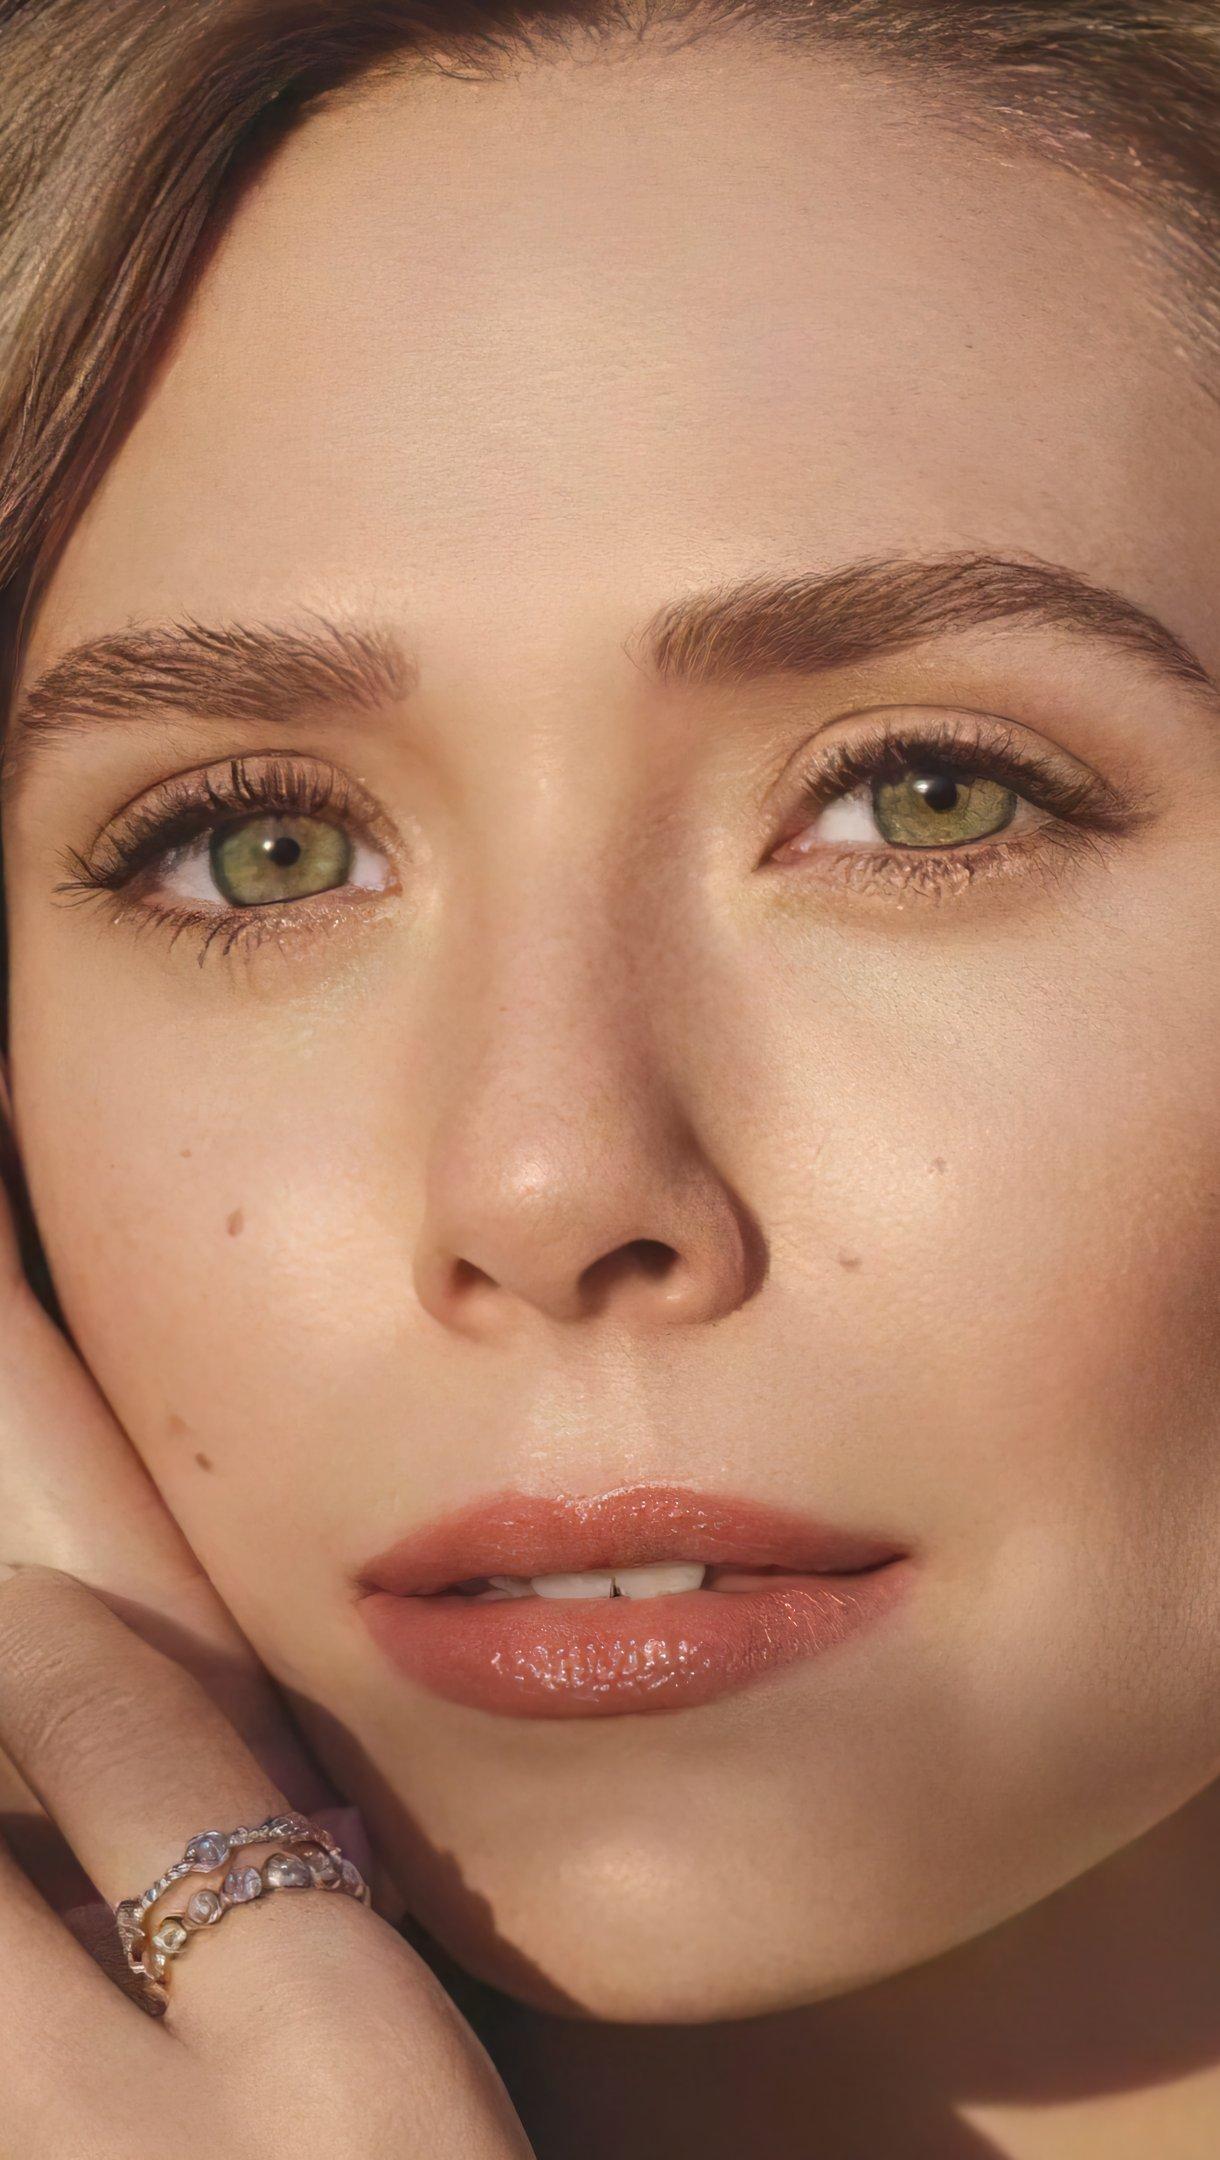 Fondos de pantalla Elizabeth Olsen con maquillaje Vertical